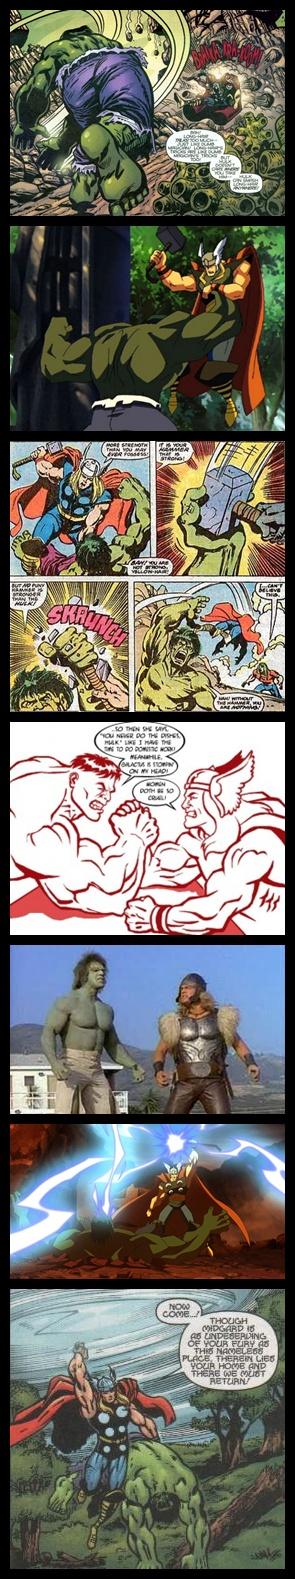 O Incrível Hulk Vs. O Poderoso Thor - Confrontos Épicos